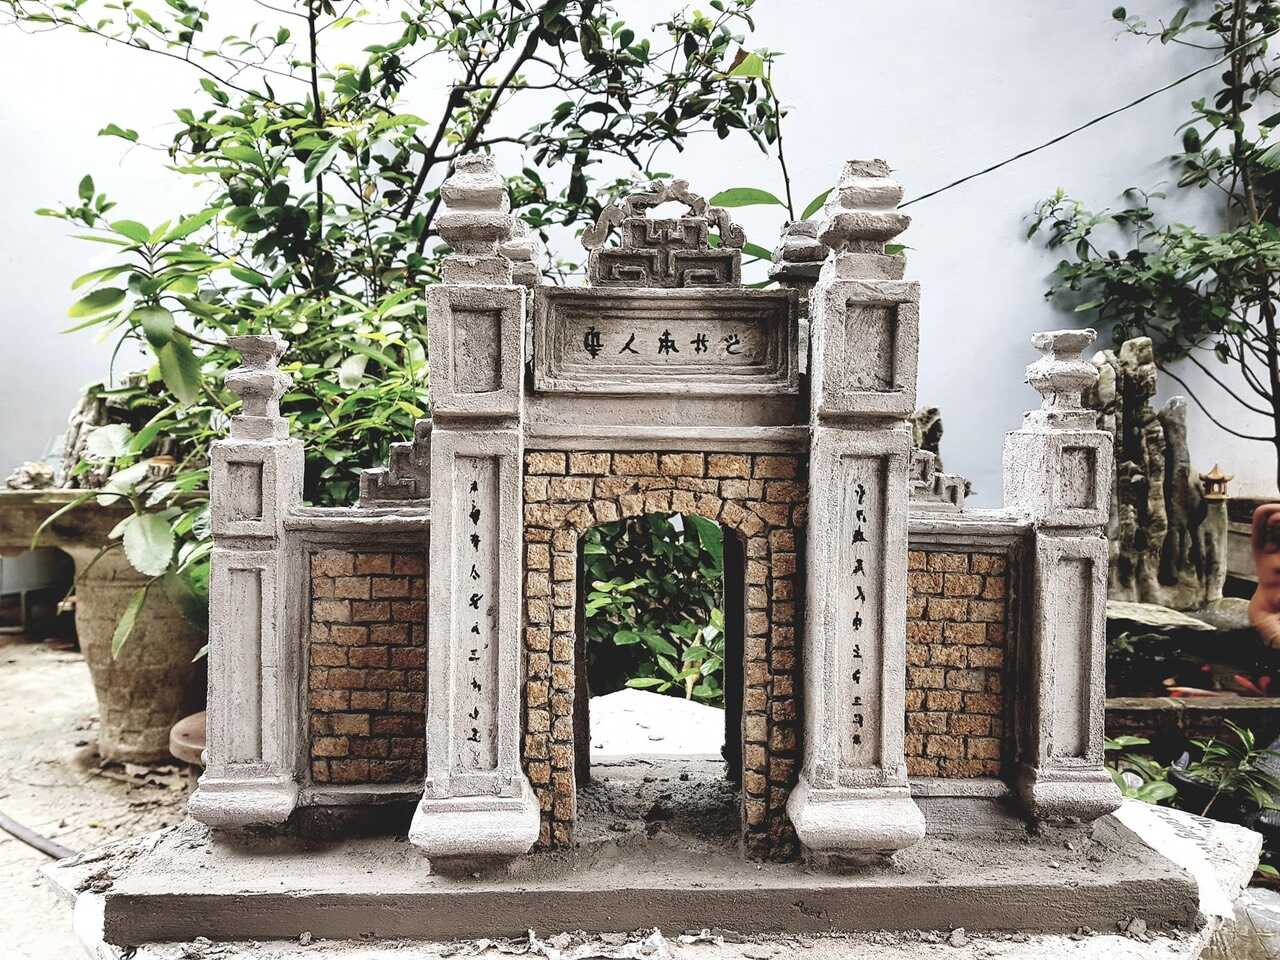 Mô hình Tiểu Cảnh Cổng Làng Cổ Việt Nam